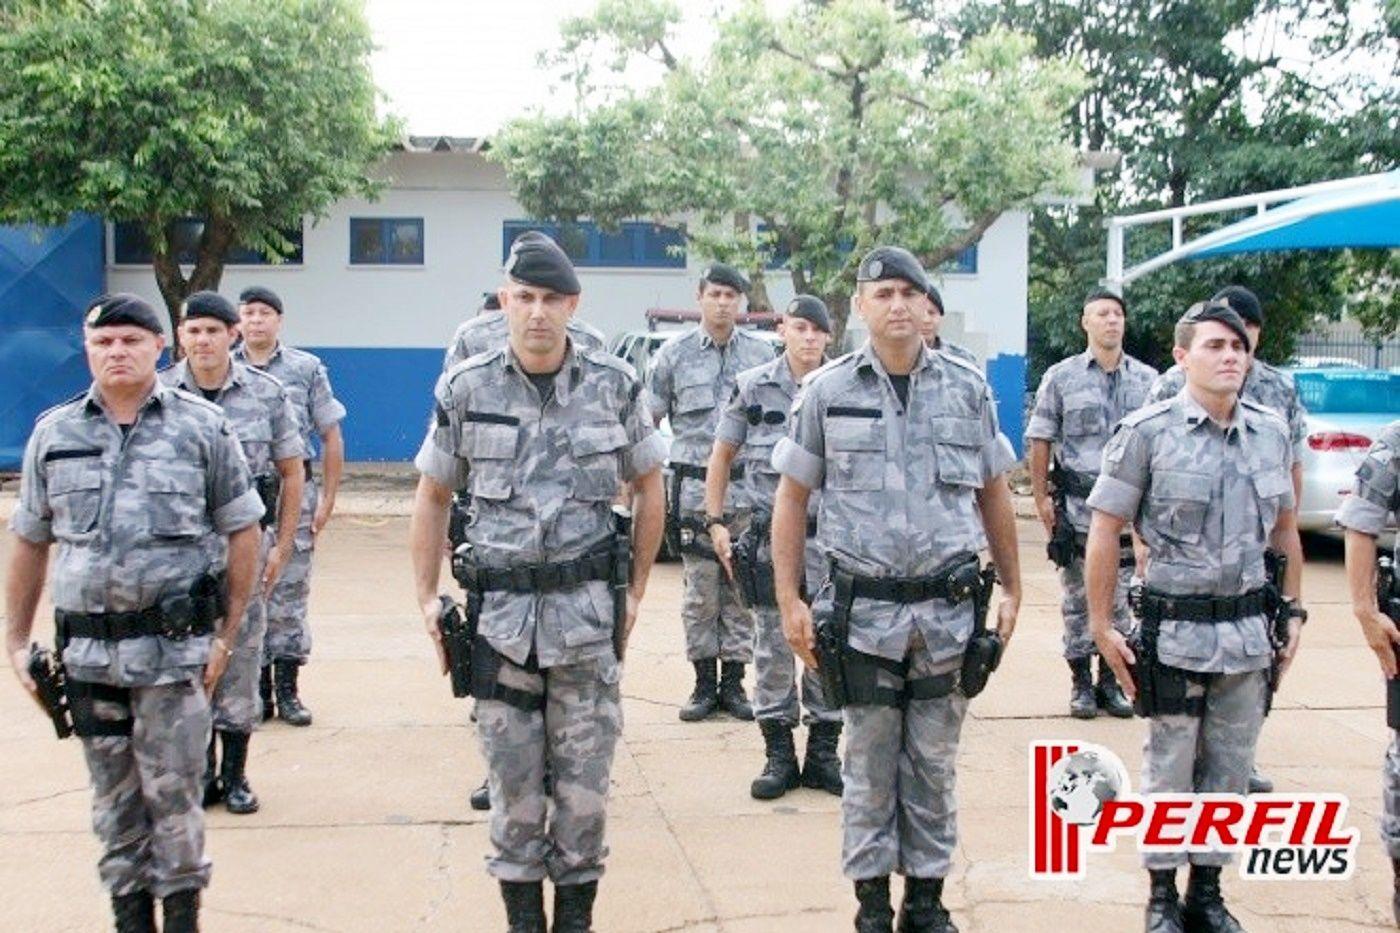 Polícia Militar Estado de Mato Grosso do Sul. 2º BPM – sediado em Três Lagoas.  http://www.perfilnews.com.br/bolsao/dezembro-mes-mais-tranquilo-para-pm-de-tres-lagoas